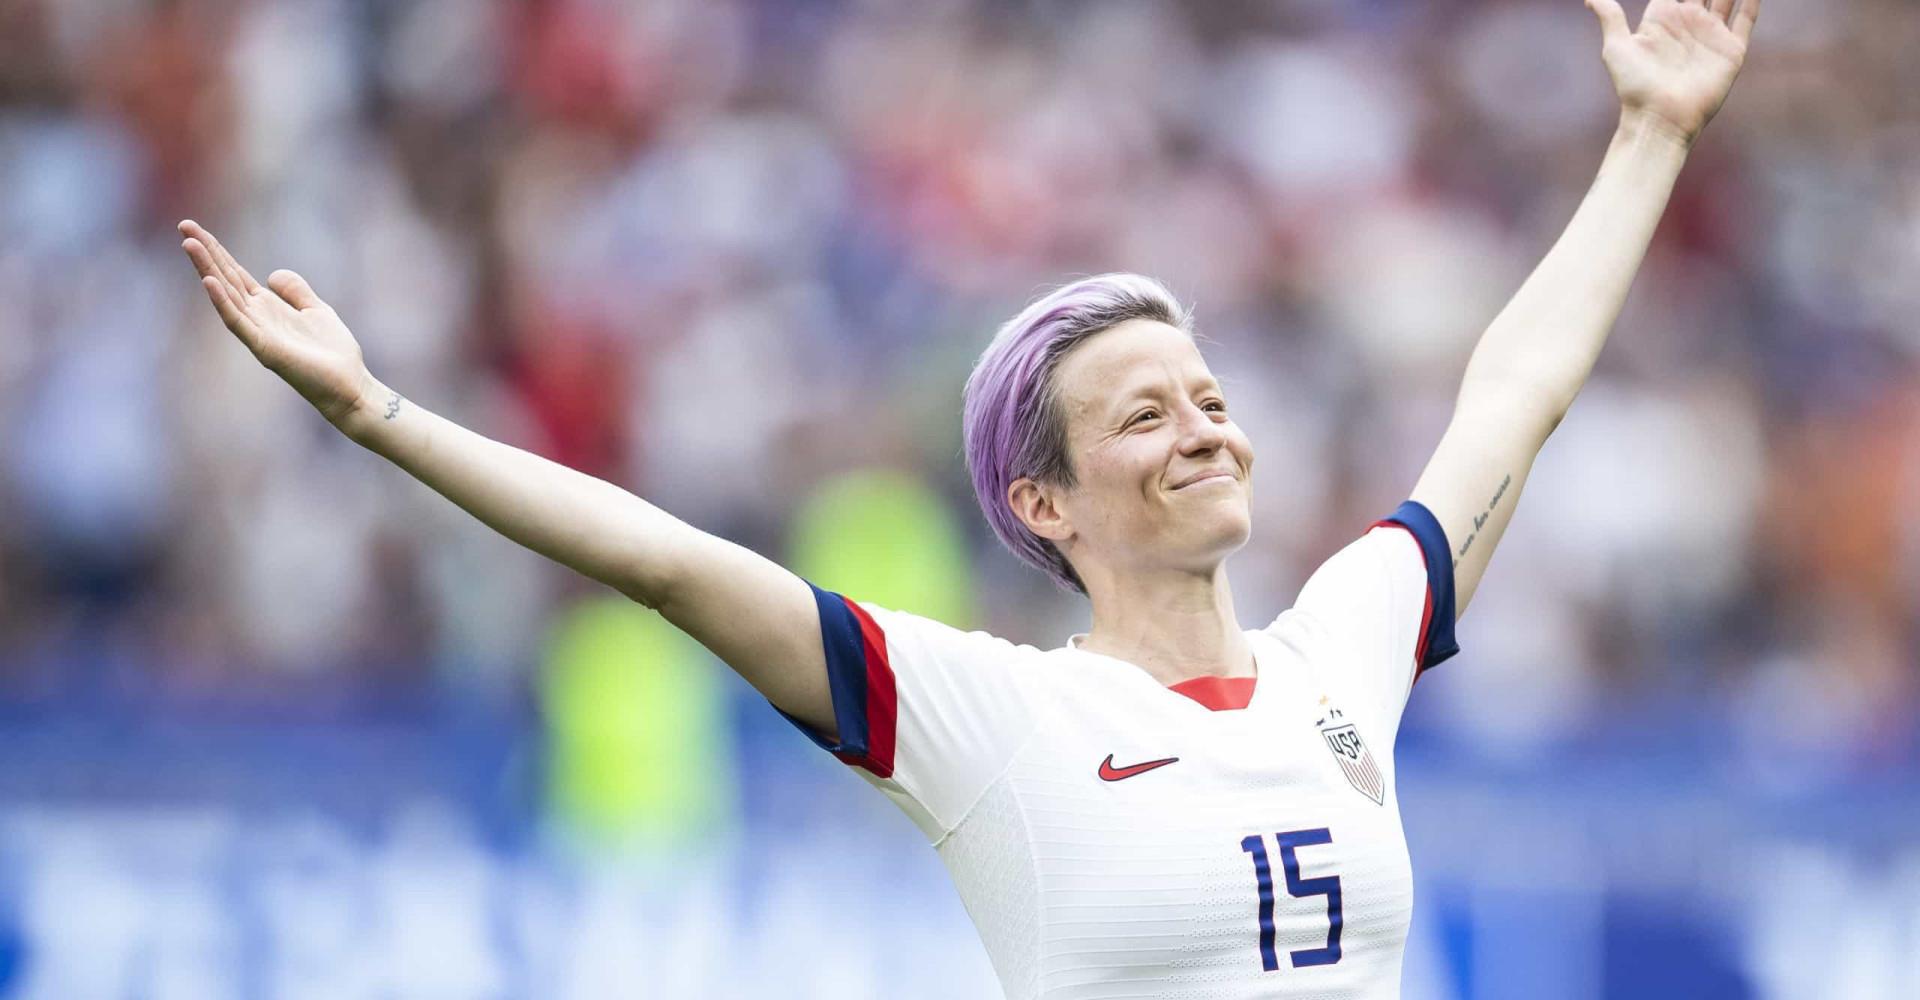 Die berühmtesten LGBT-Athleten auf der Welt